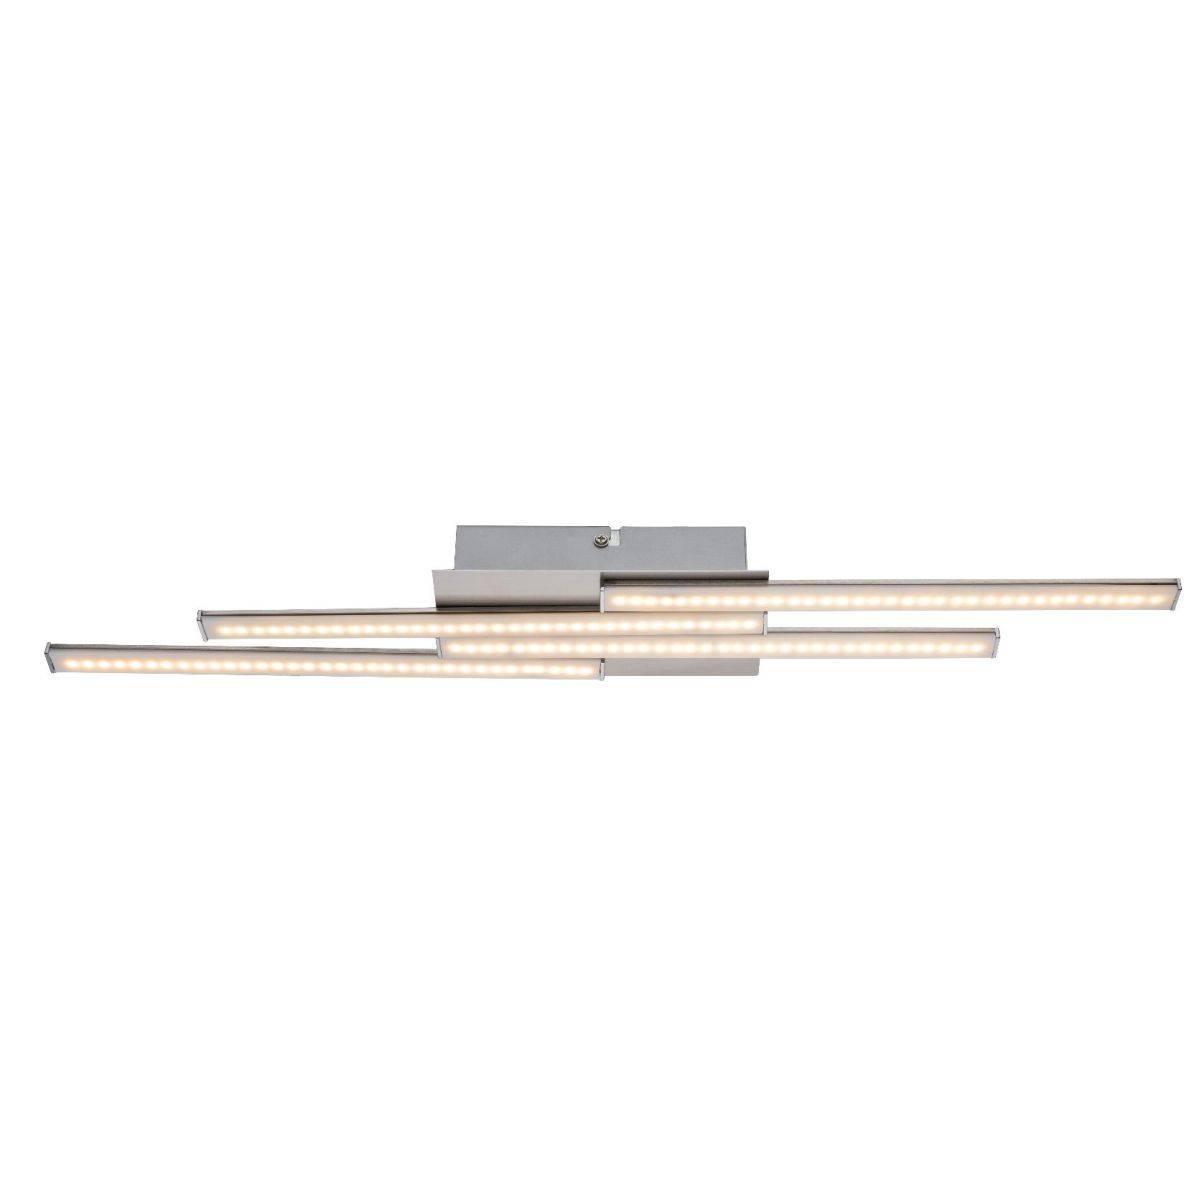 Потолочный светодиодный светильник Globo Artax 67003-14 потолочный светодиодный светильник globo mathilda 68397 12